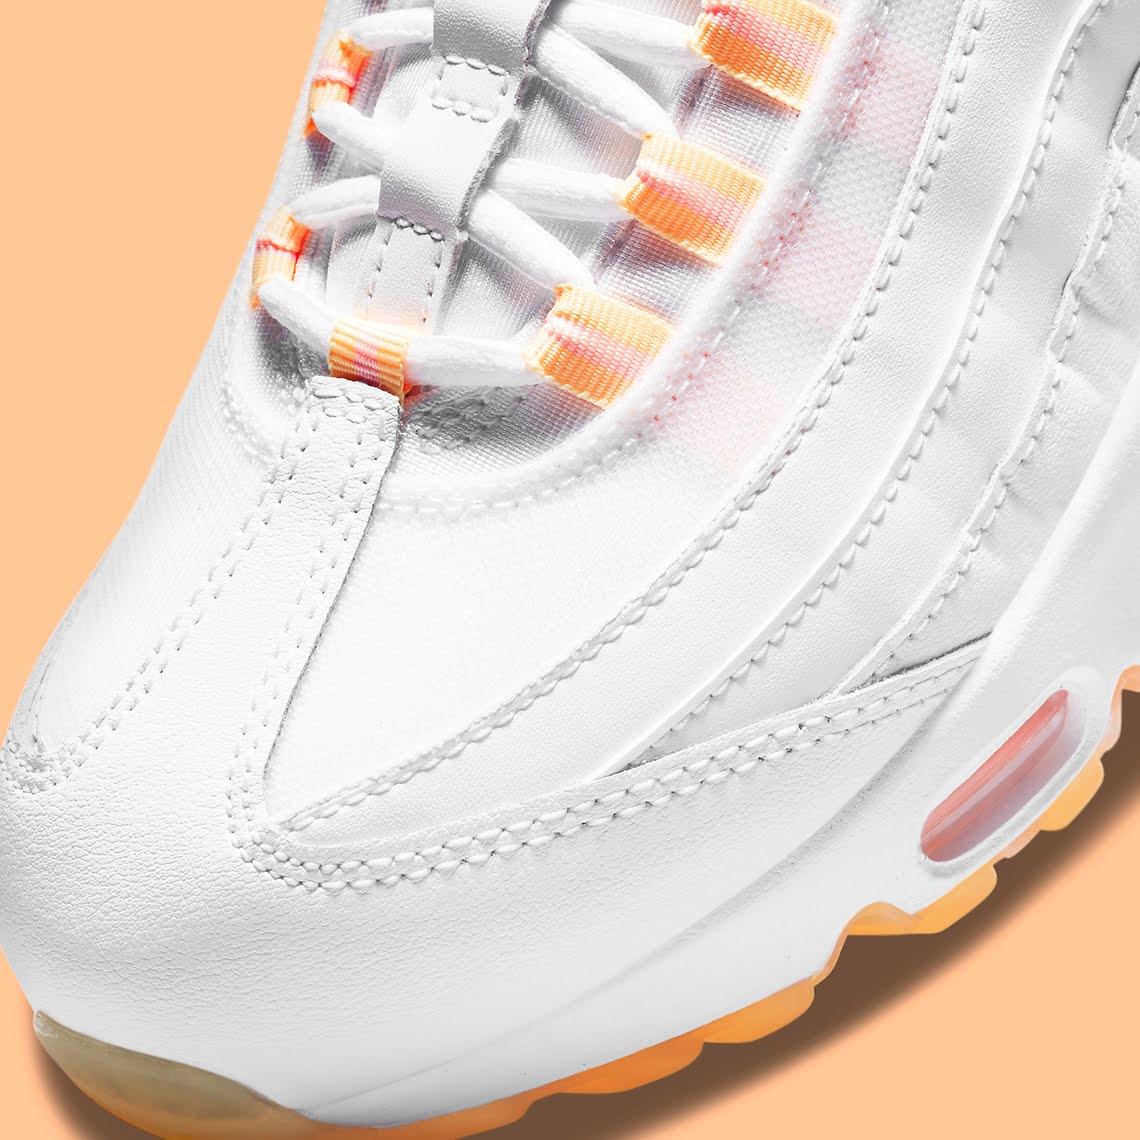 """ナイキ ウィメンズ エア マックス 95 """"メロン ティント"""" Nike-Air-Max-95-Melon-Tint-DJ1495-100-toe"""